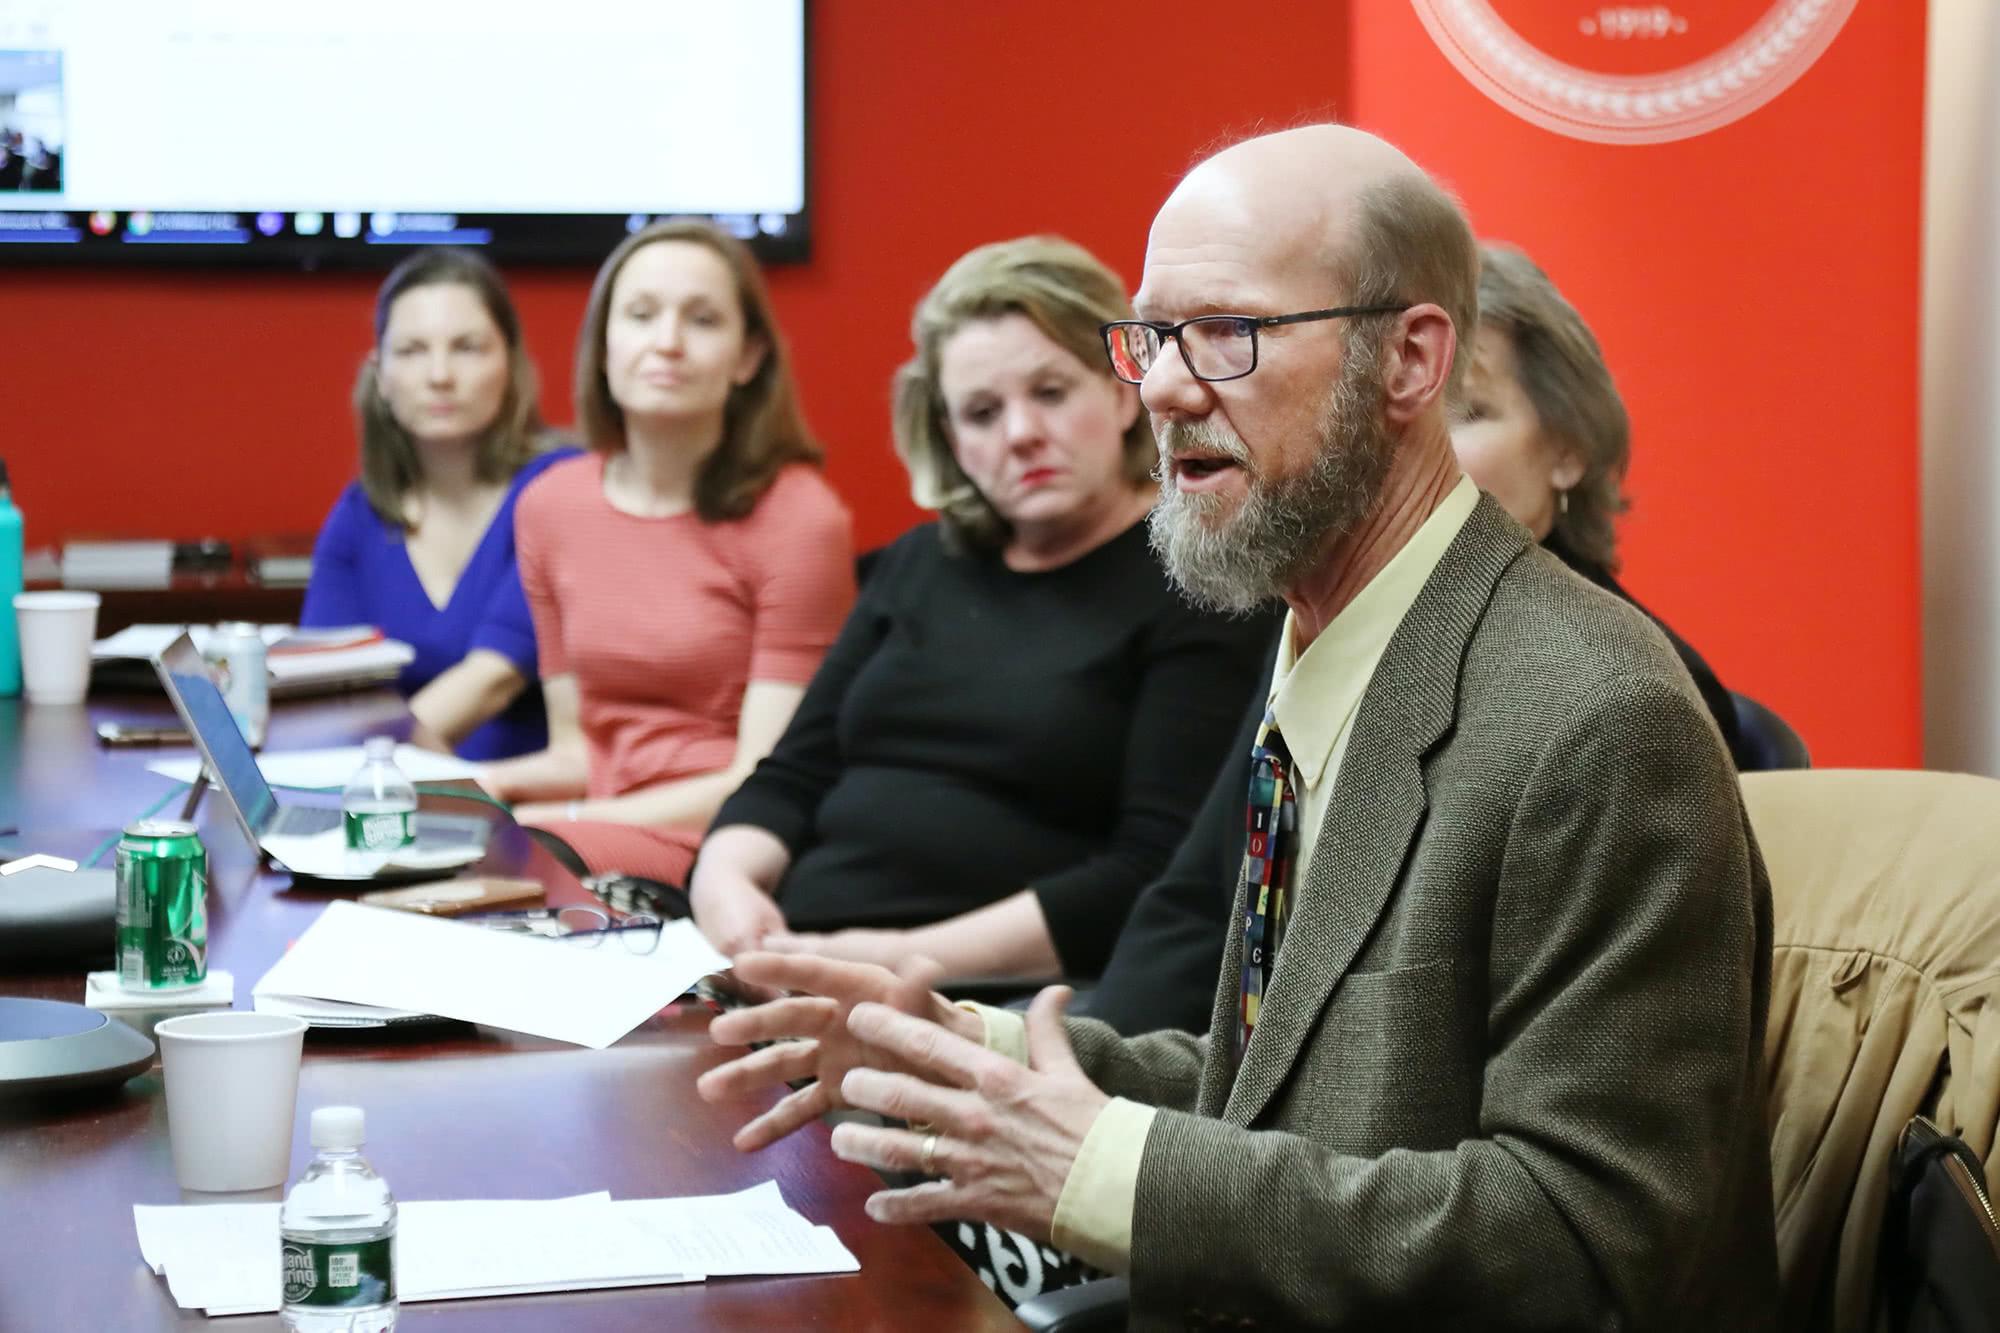 Richard Johnson en una mesa dirigiéndose a un grupo de personas